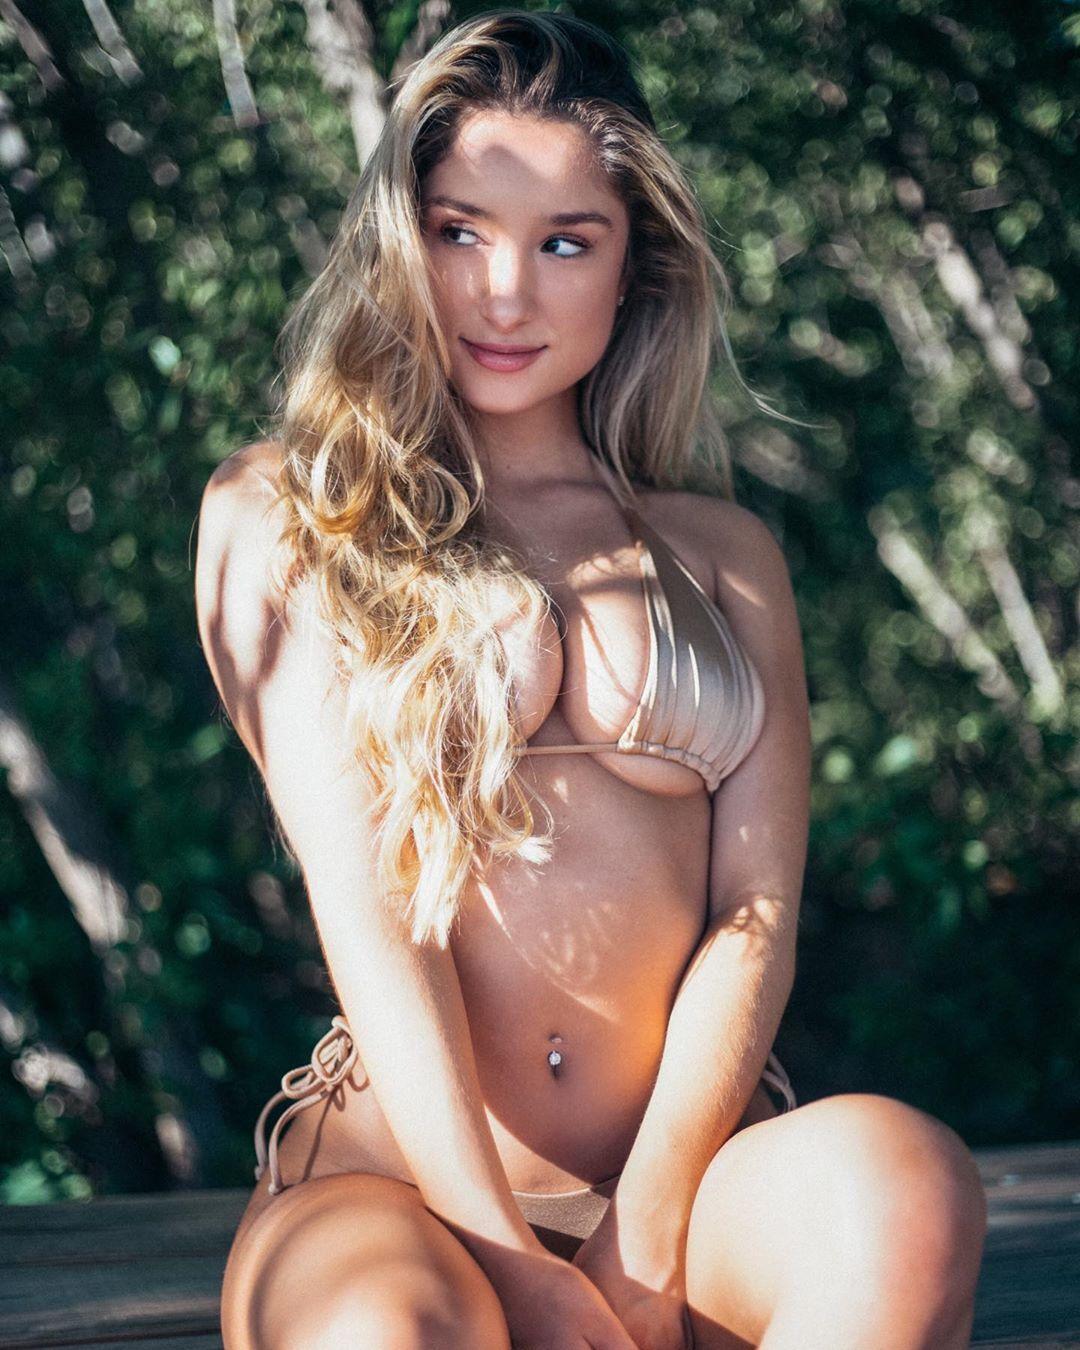 Саванна Монтано позирует в золотистом купальнике